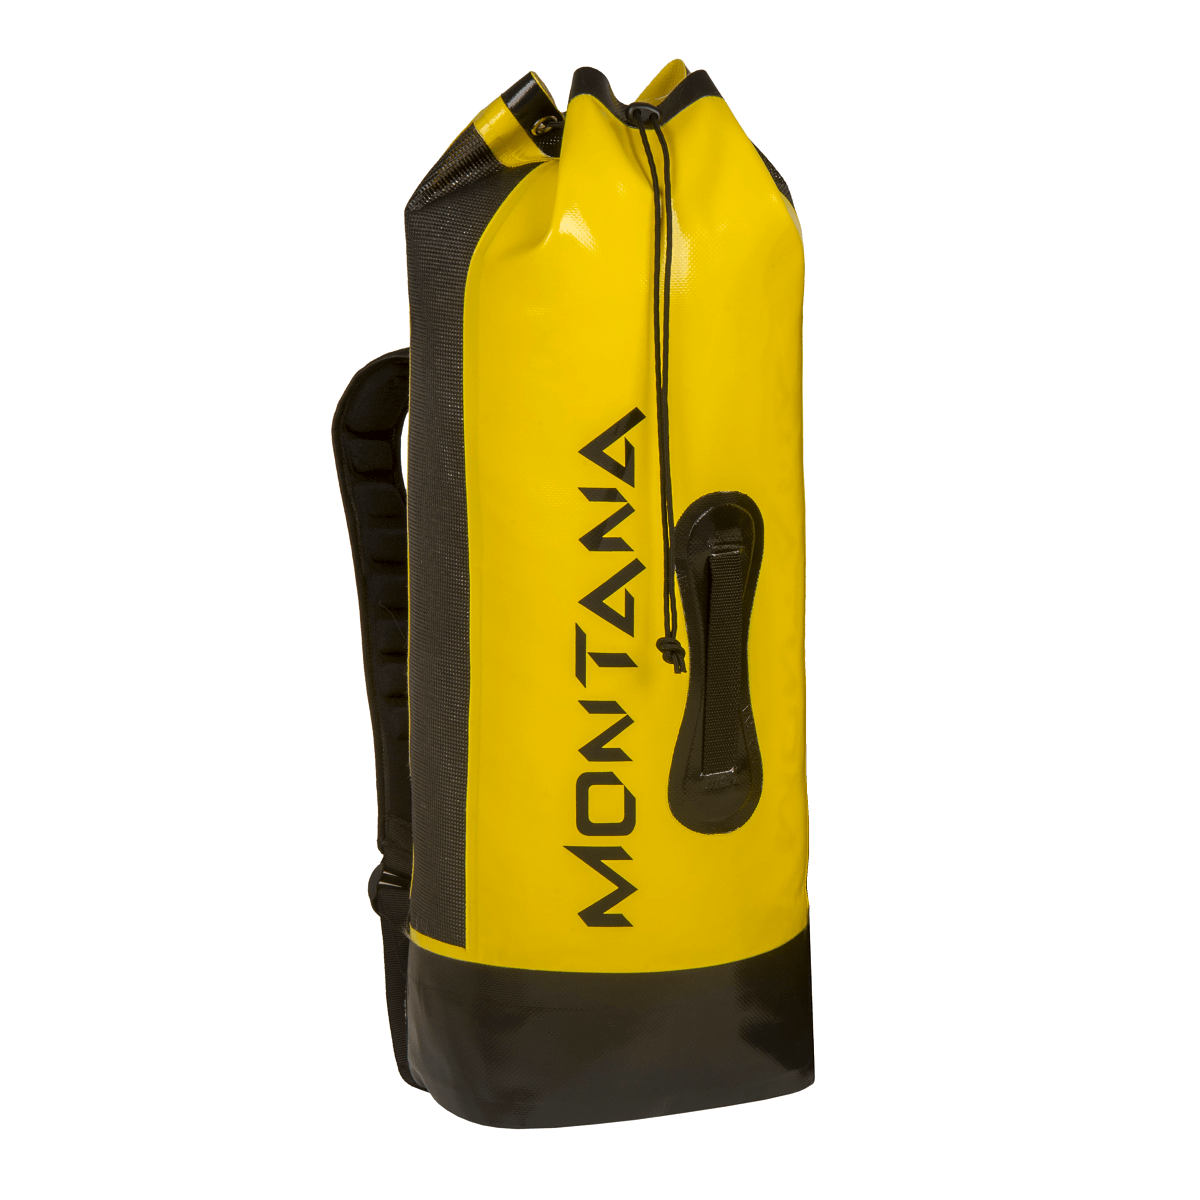 Mochila para Corda Pequena 26 litros - Montana